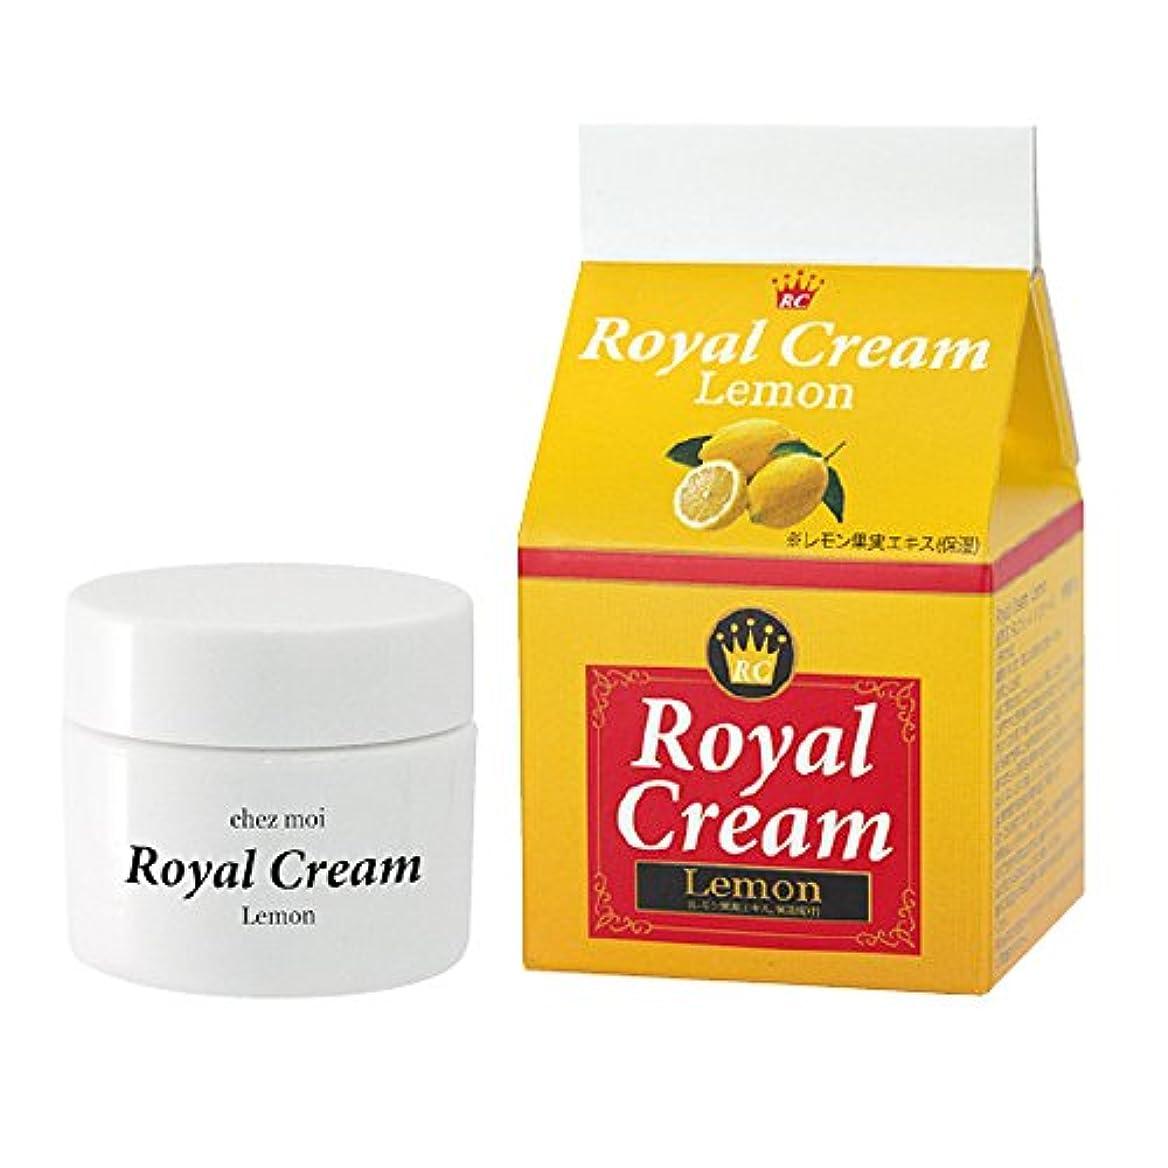 クリック実現可能必要性シェモア Royal Cream Lemon(ロイヤルクリームレモン) 30g